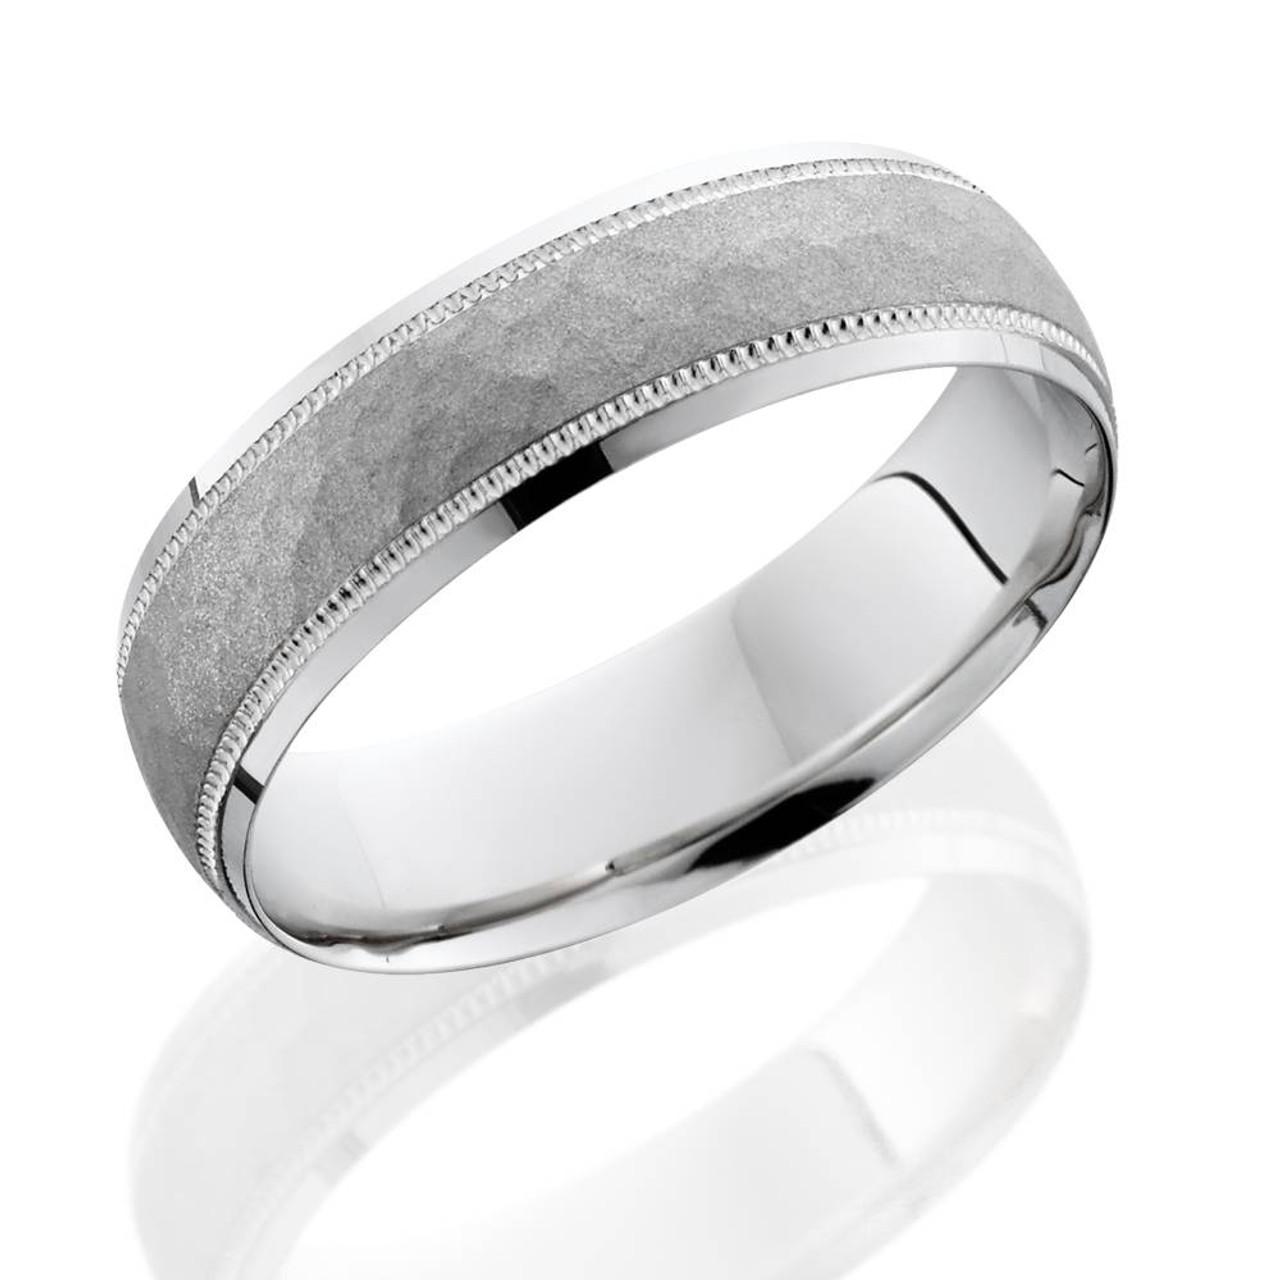 Platinum Wedding Bands For Men.Mens Hammered 950 Platinum 6mm Comfort Fit Wedding Band